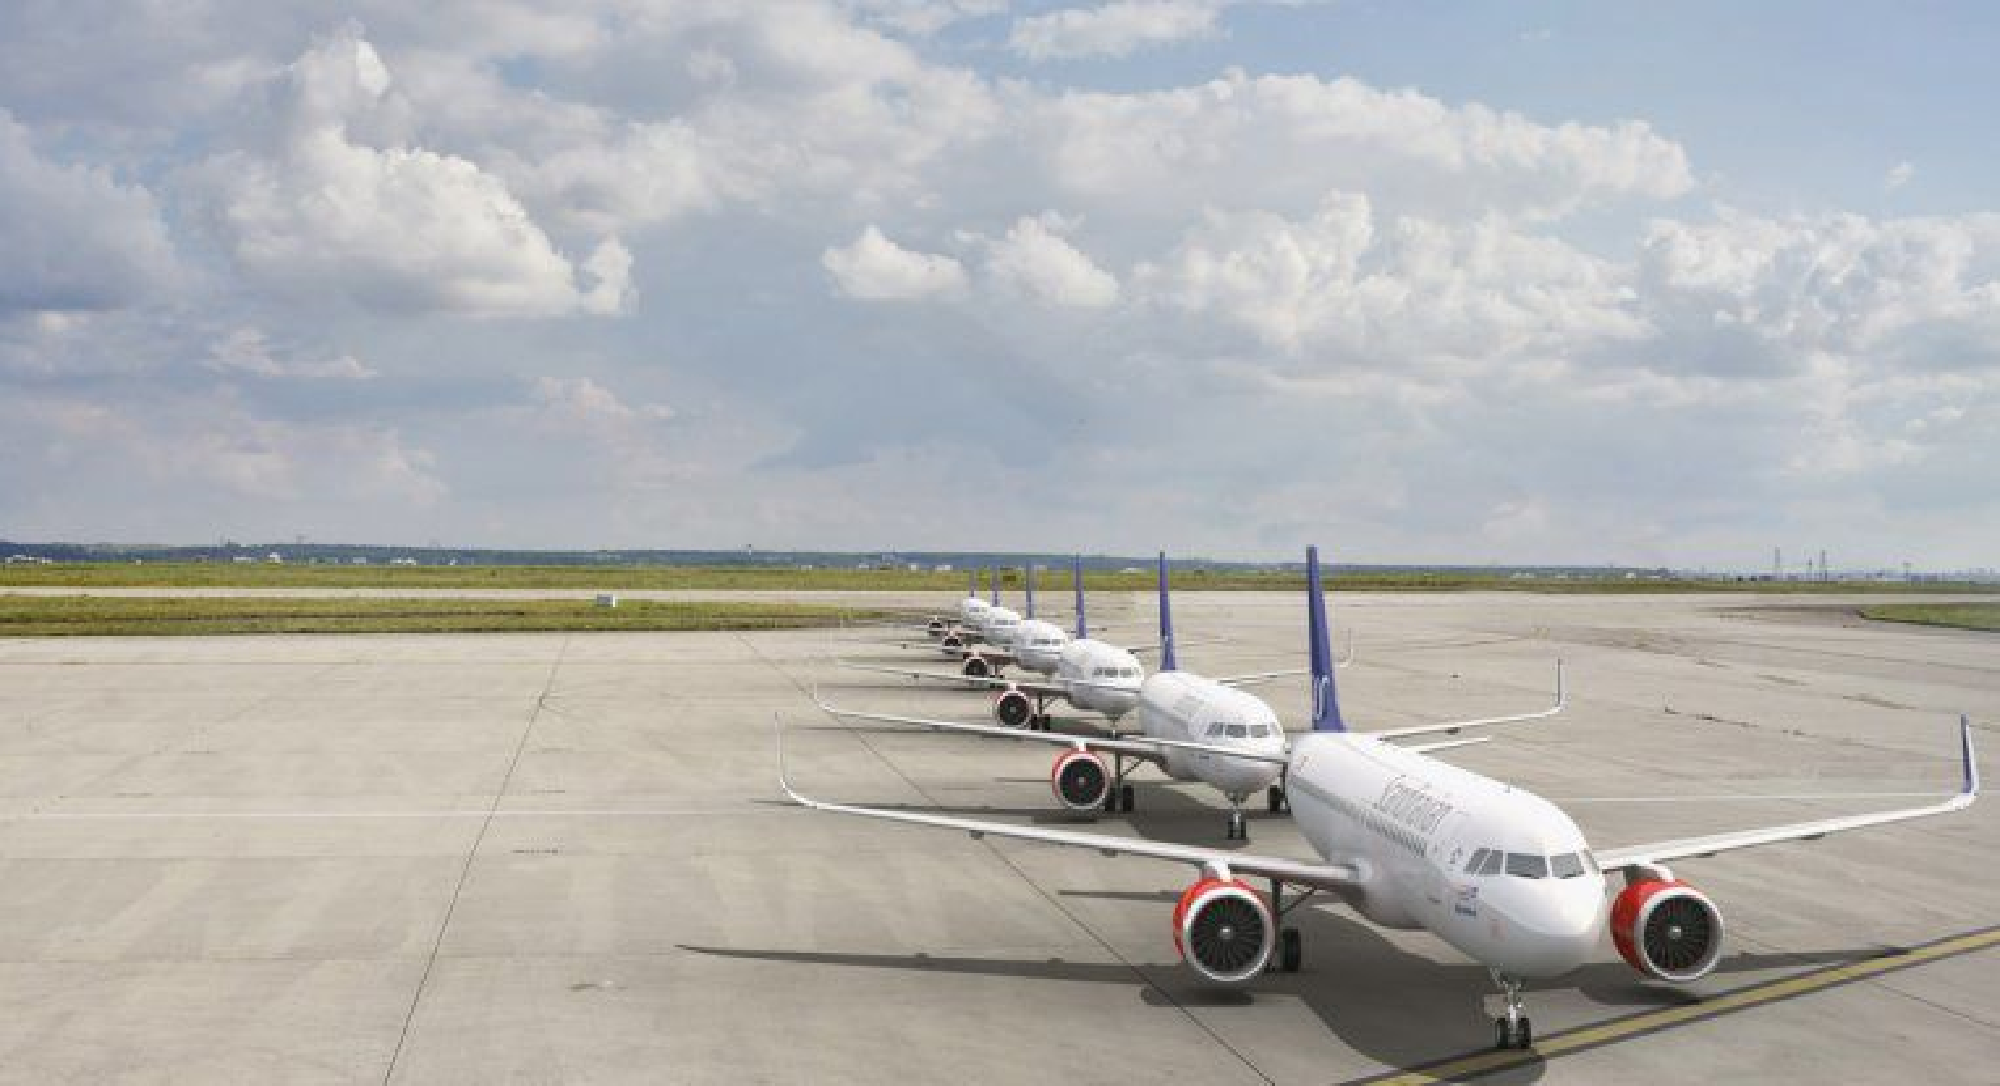 Noen av A320neo-flyene til SAS, som selskapet fikk levert på slutten av 2016.